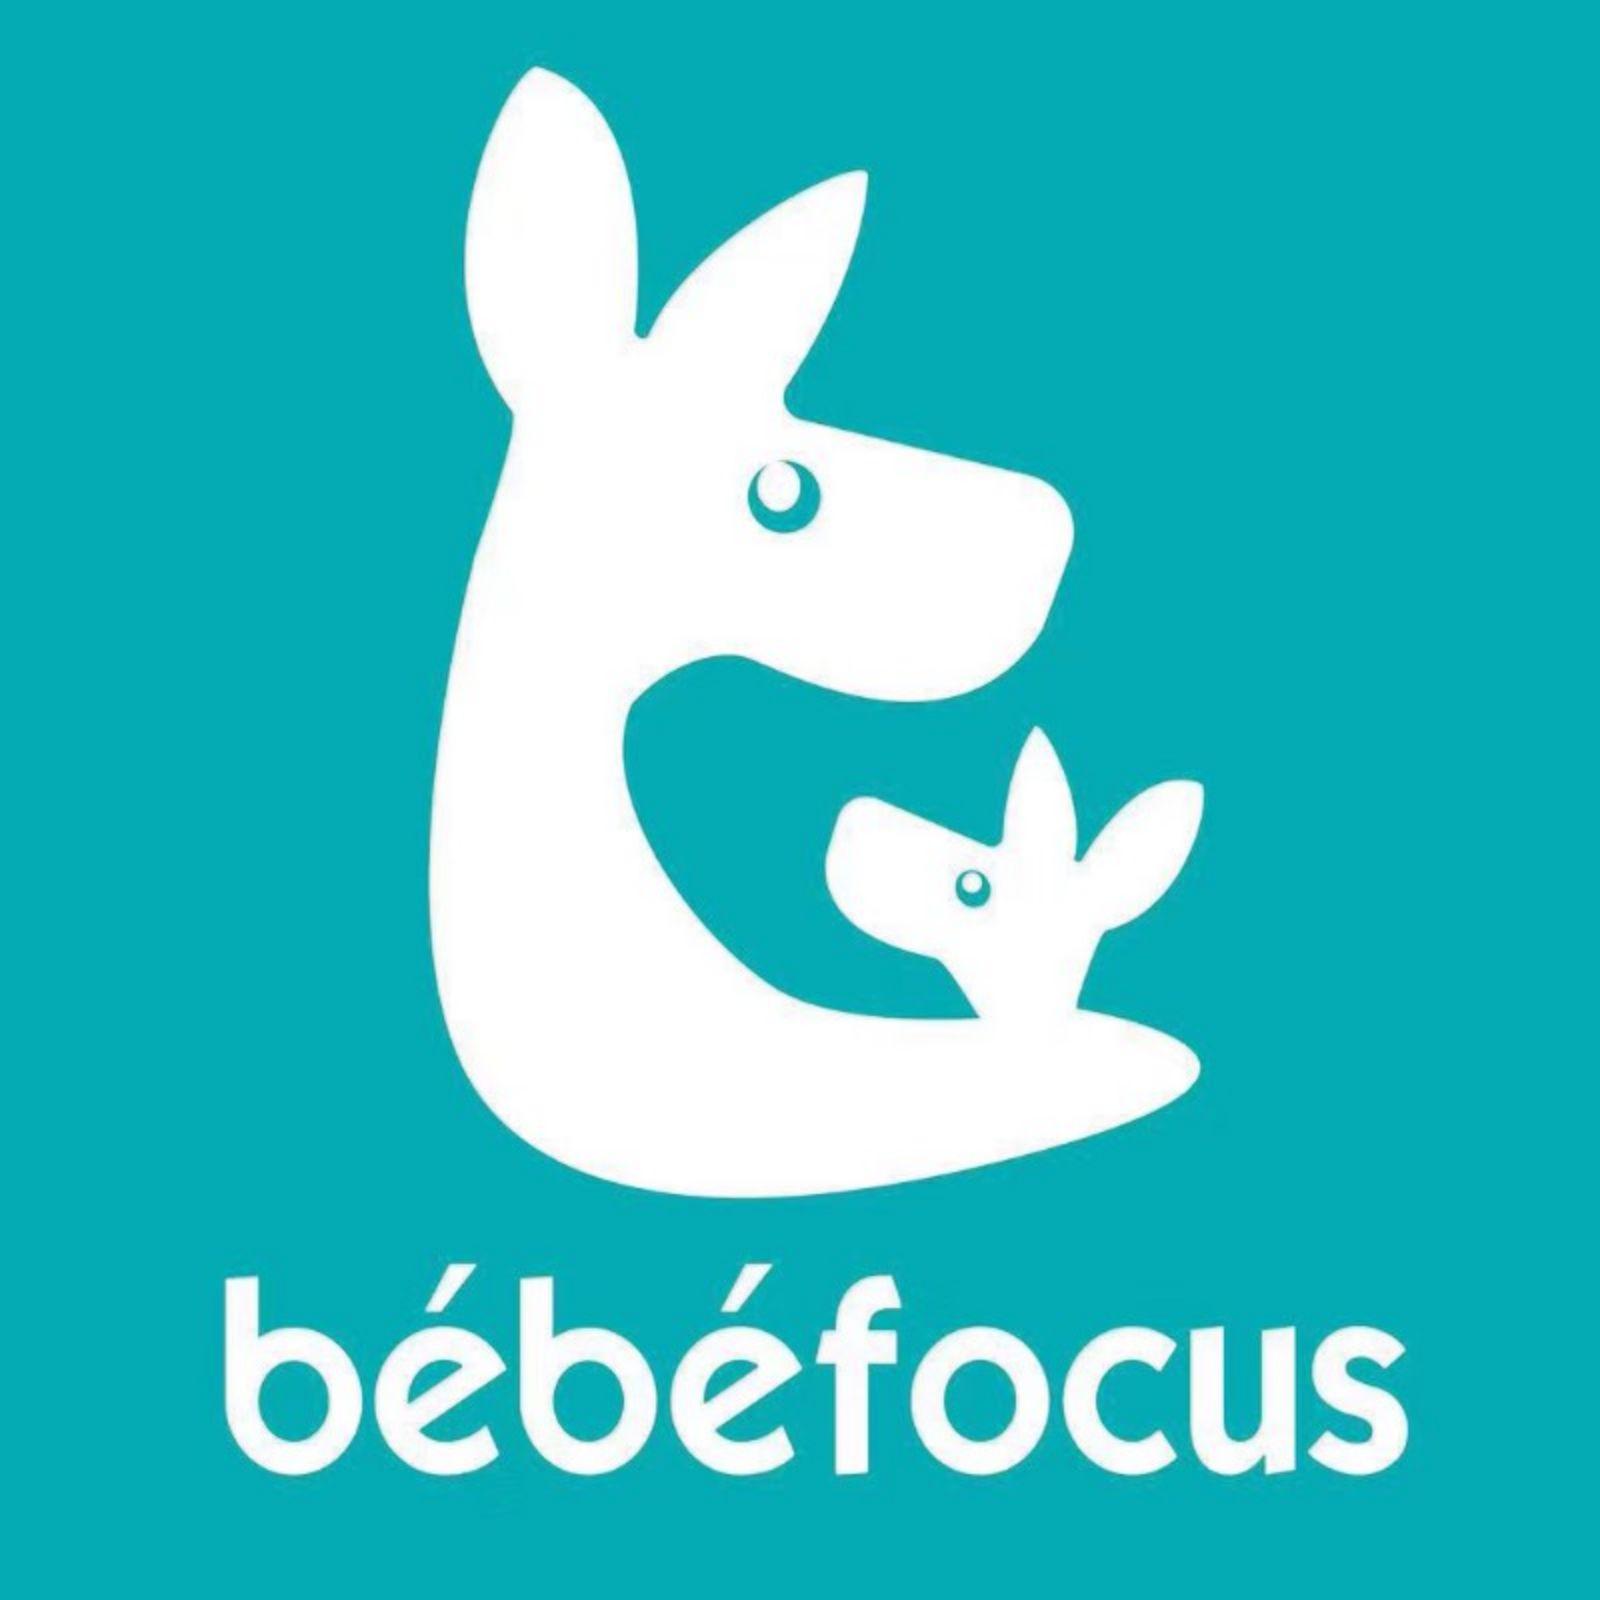 bebefocus